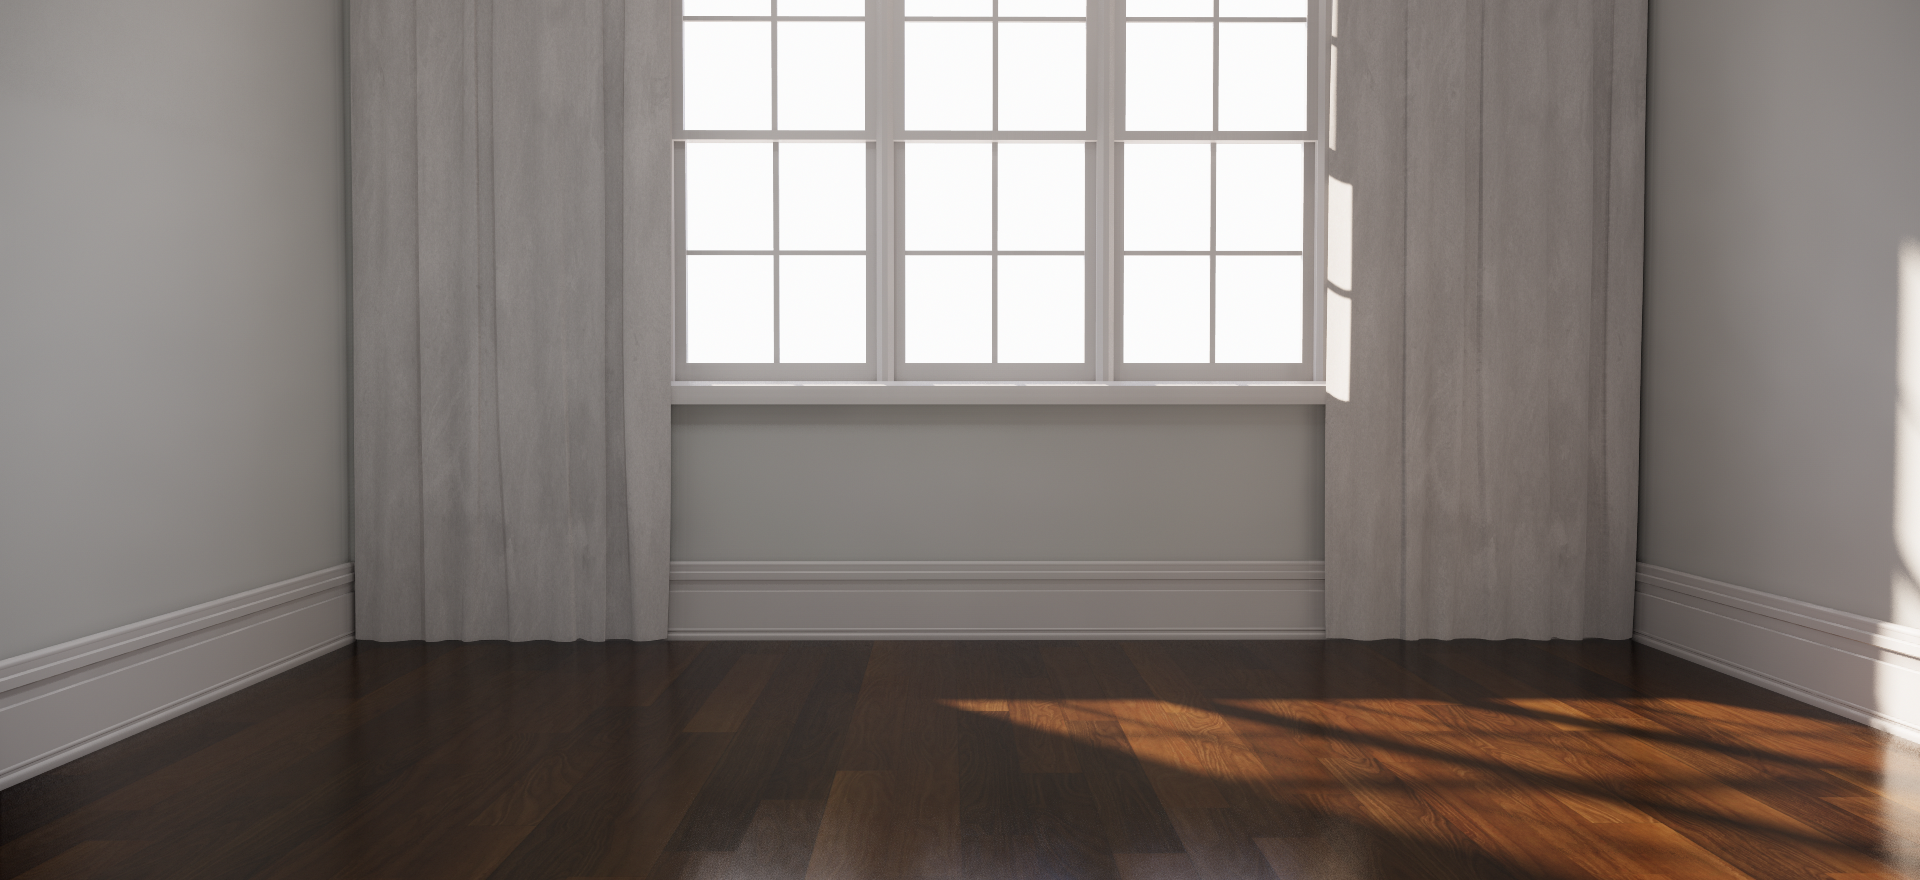 Wood Flooring 22.png